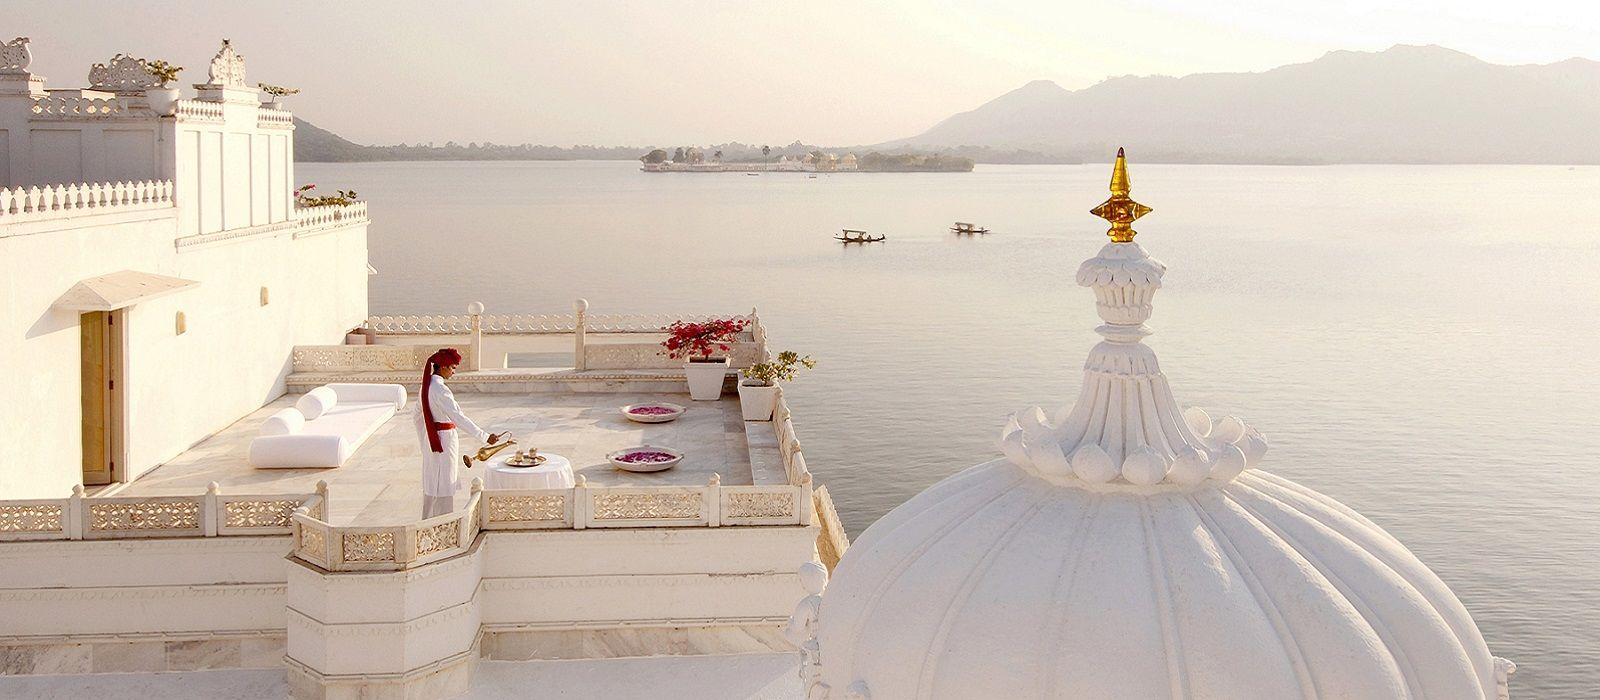 Luxuriöse Reise nach Indien: Bezaubernde Paläste und goldener Strand Urlaub 2